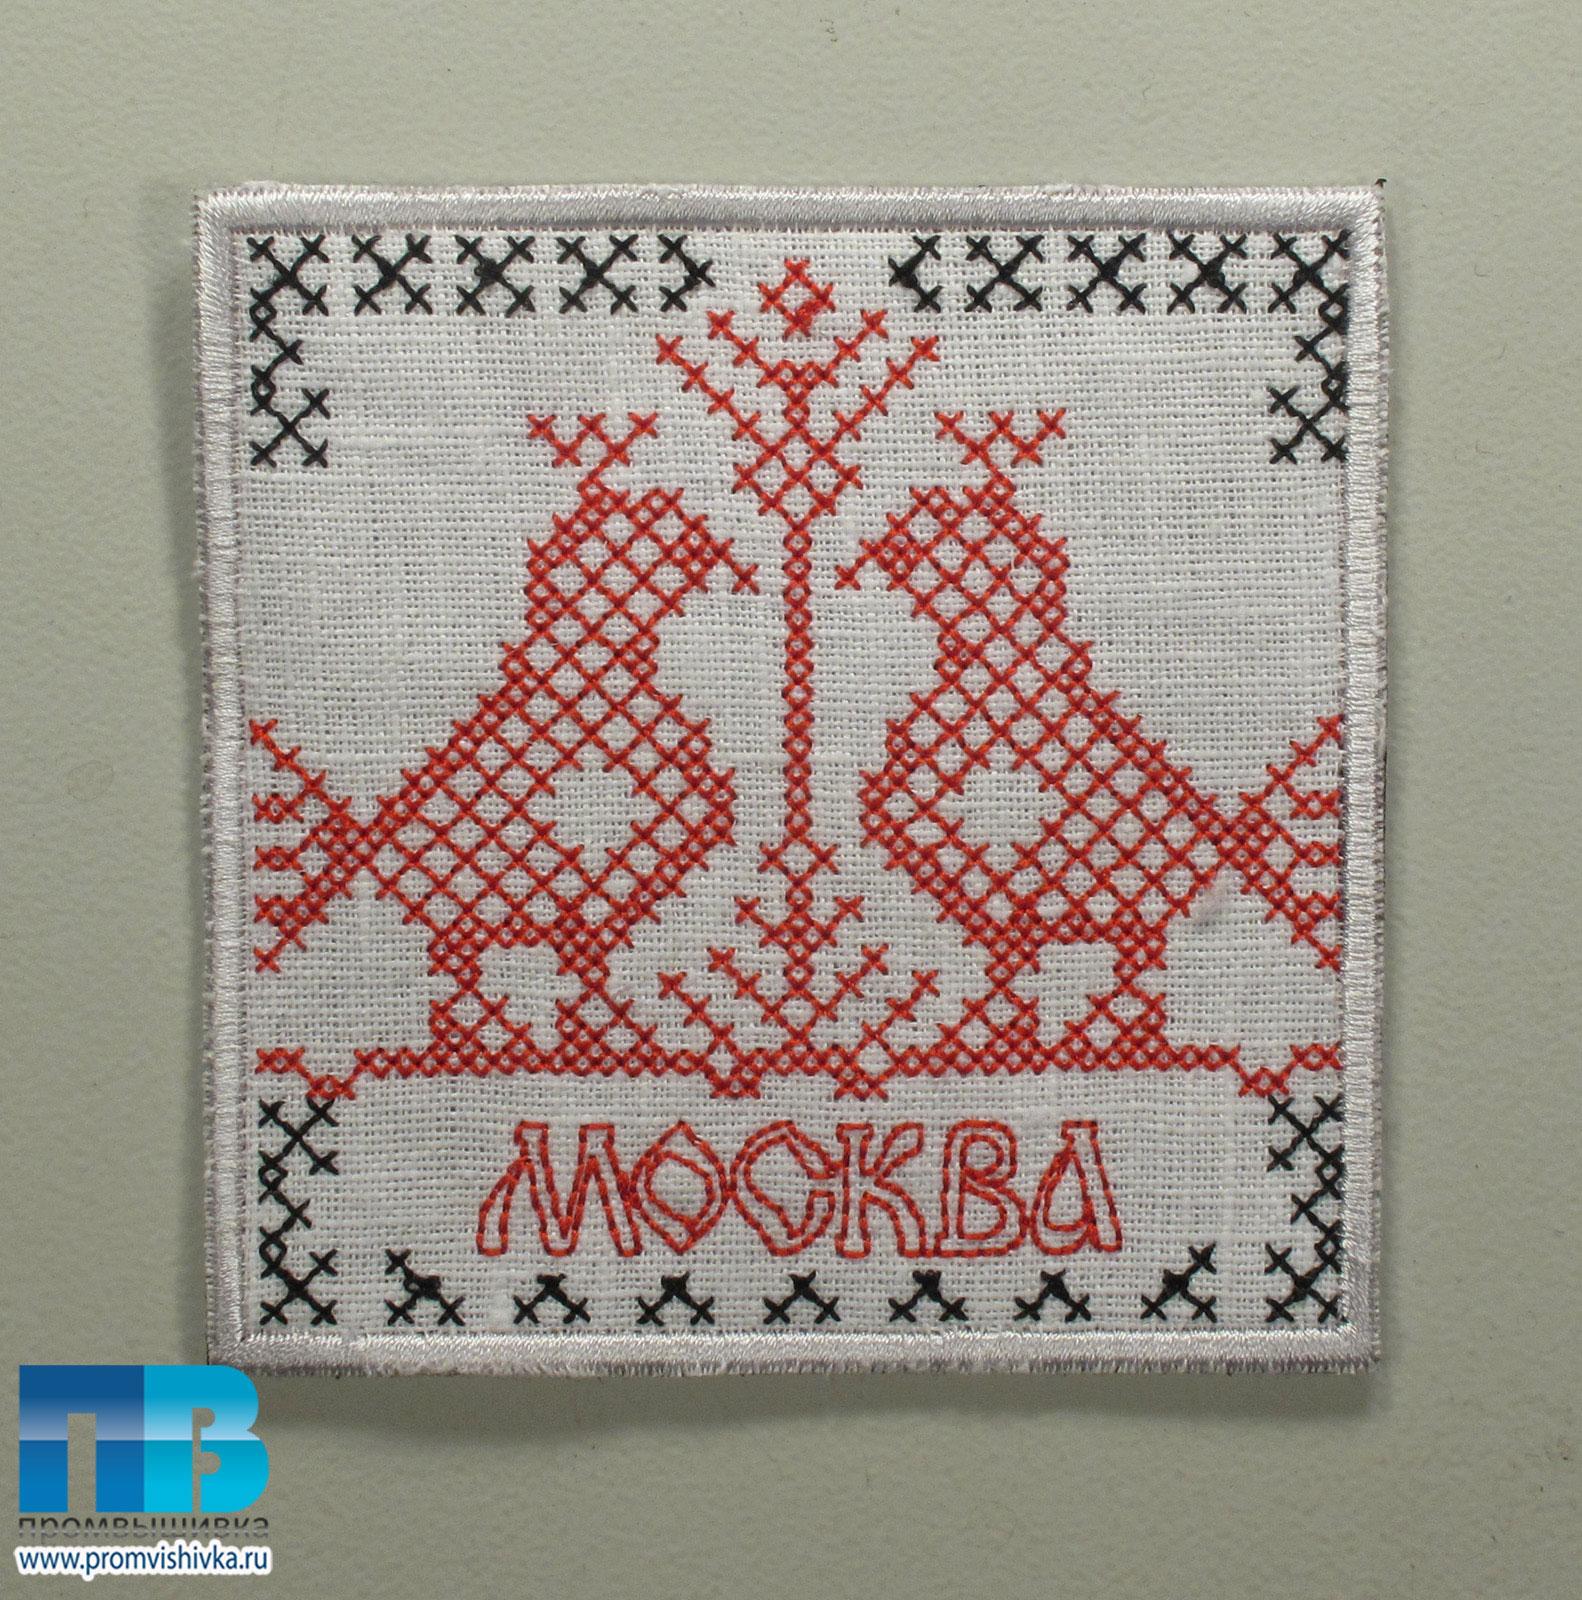 Вышивка рушника москва